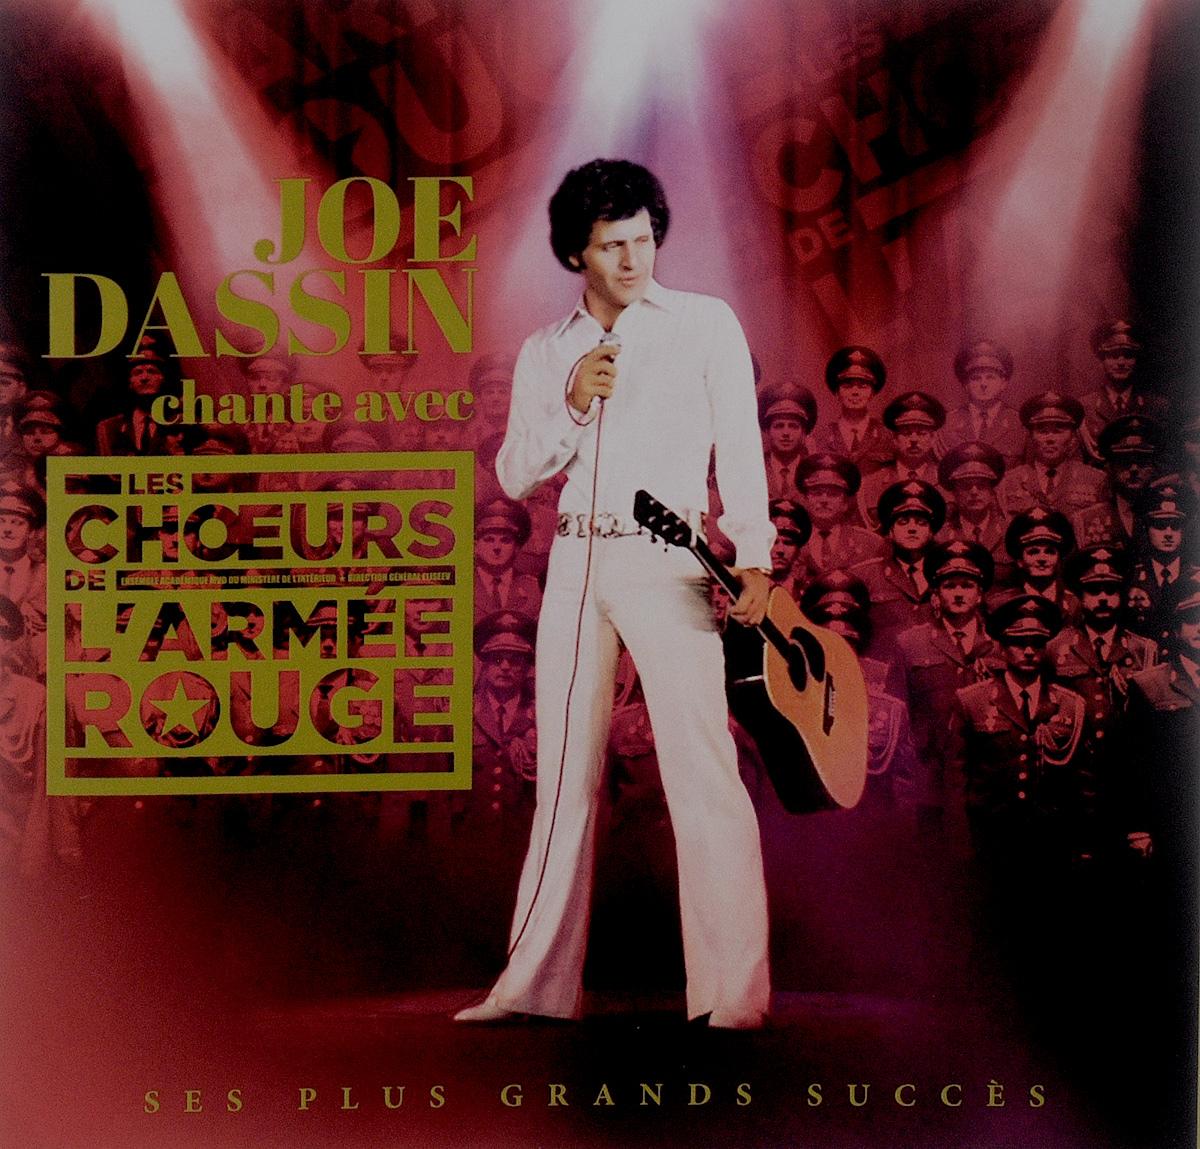 Джо Дассен,Les Choeurs De L'Armee Rouge Joe Dassin Chante Avec Les Choeurs De L'armee Rouge (2 CD)